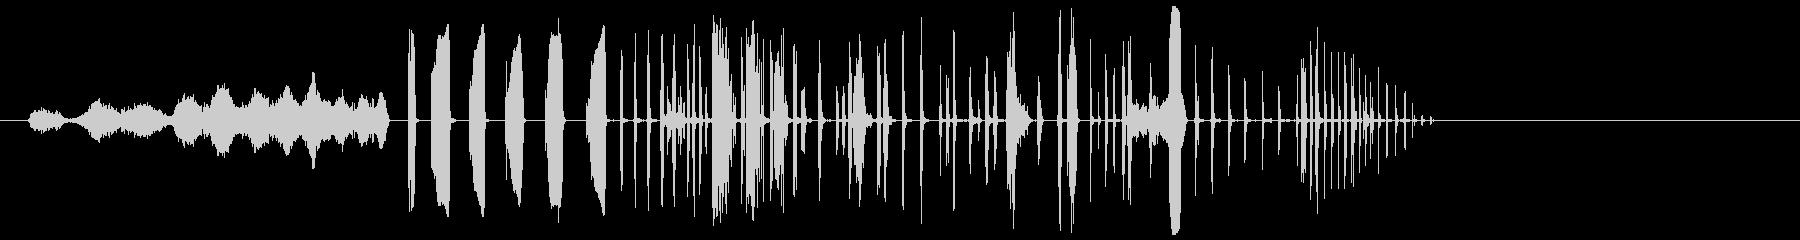 エンジンスタート&ポップス&スパッ...の未再生の波形